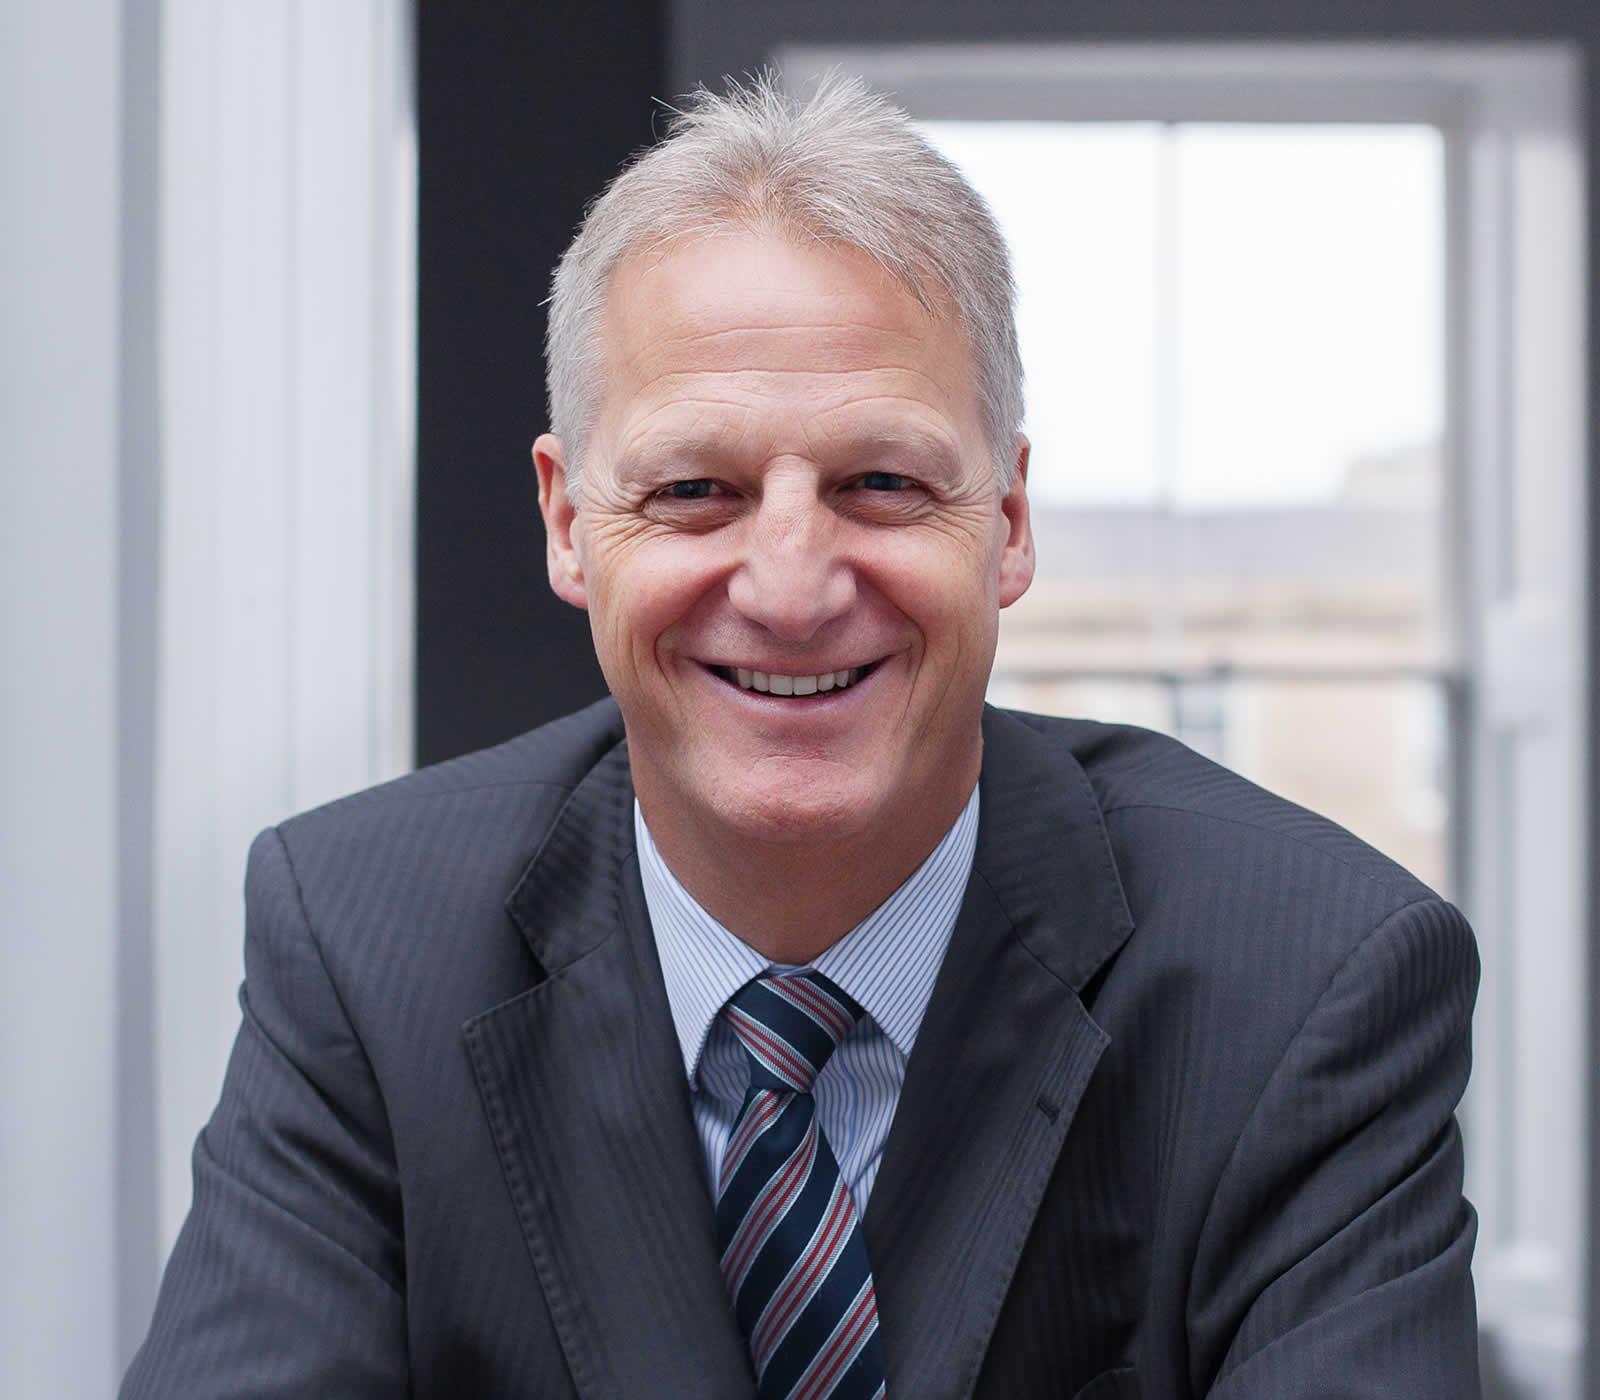 Neil Watt